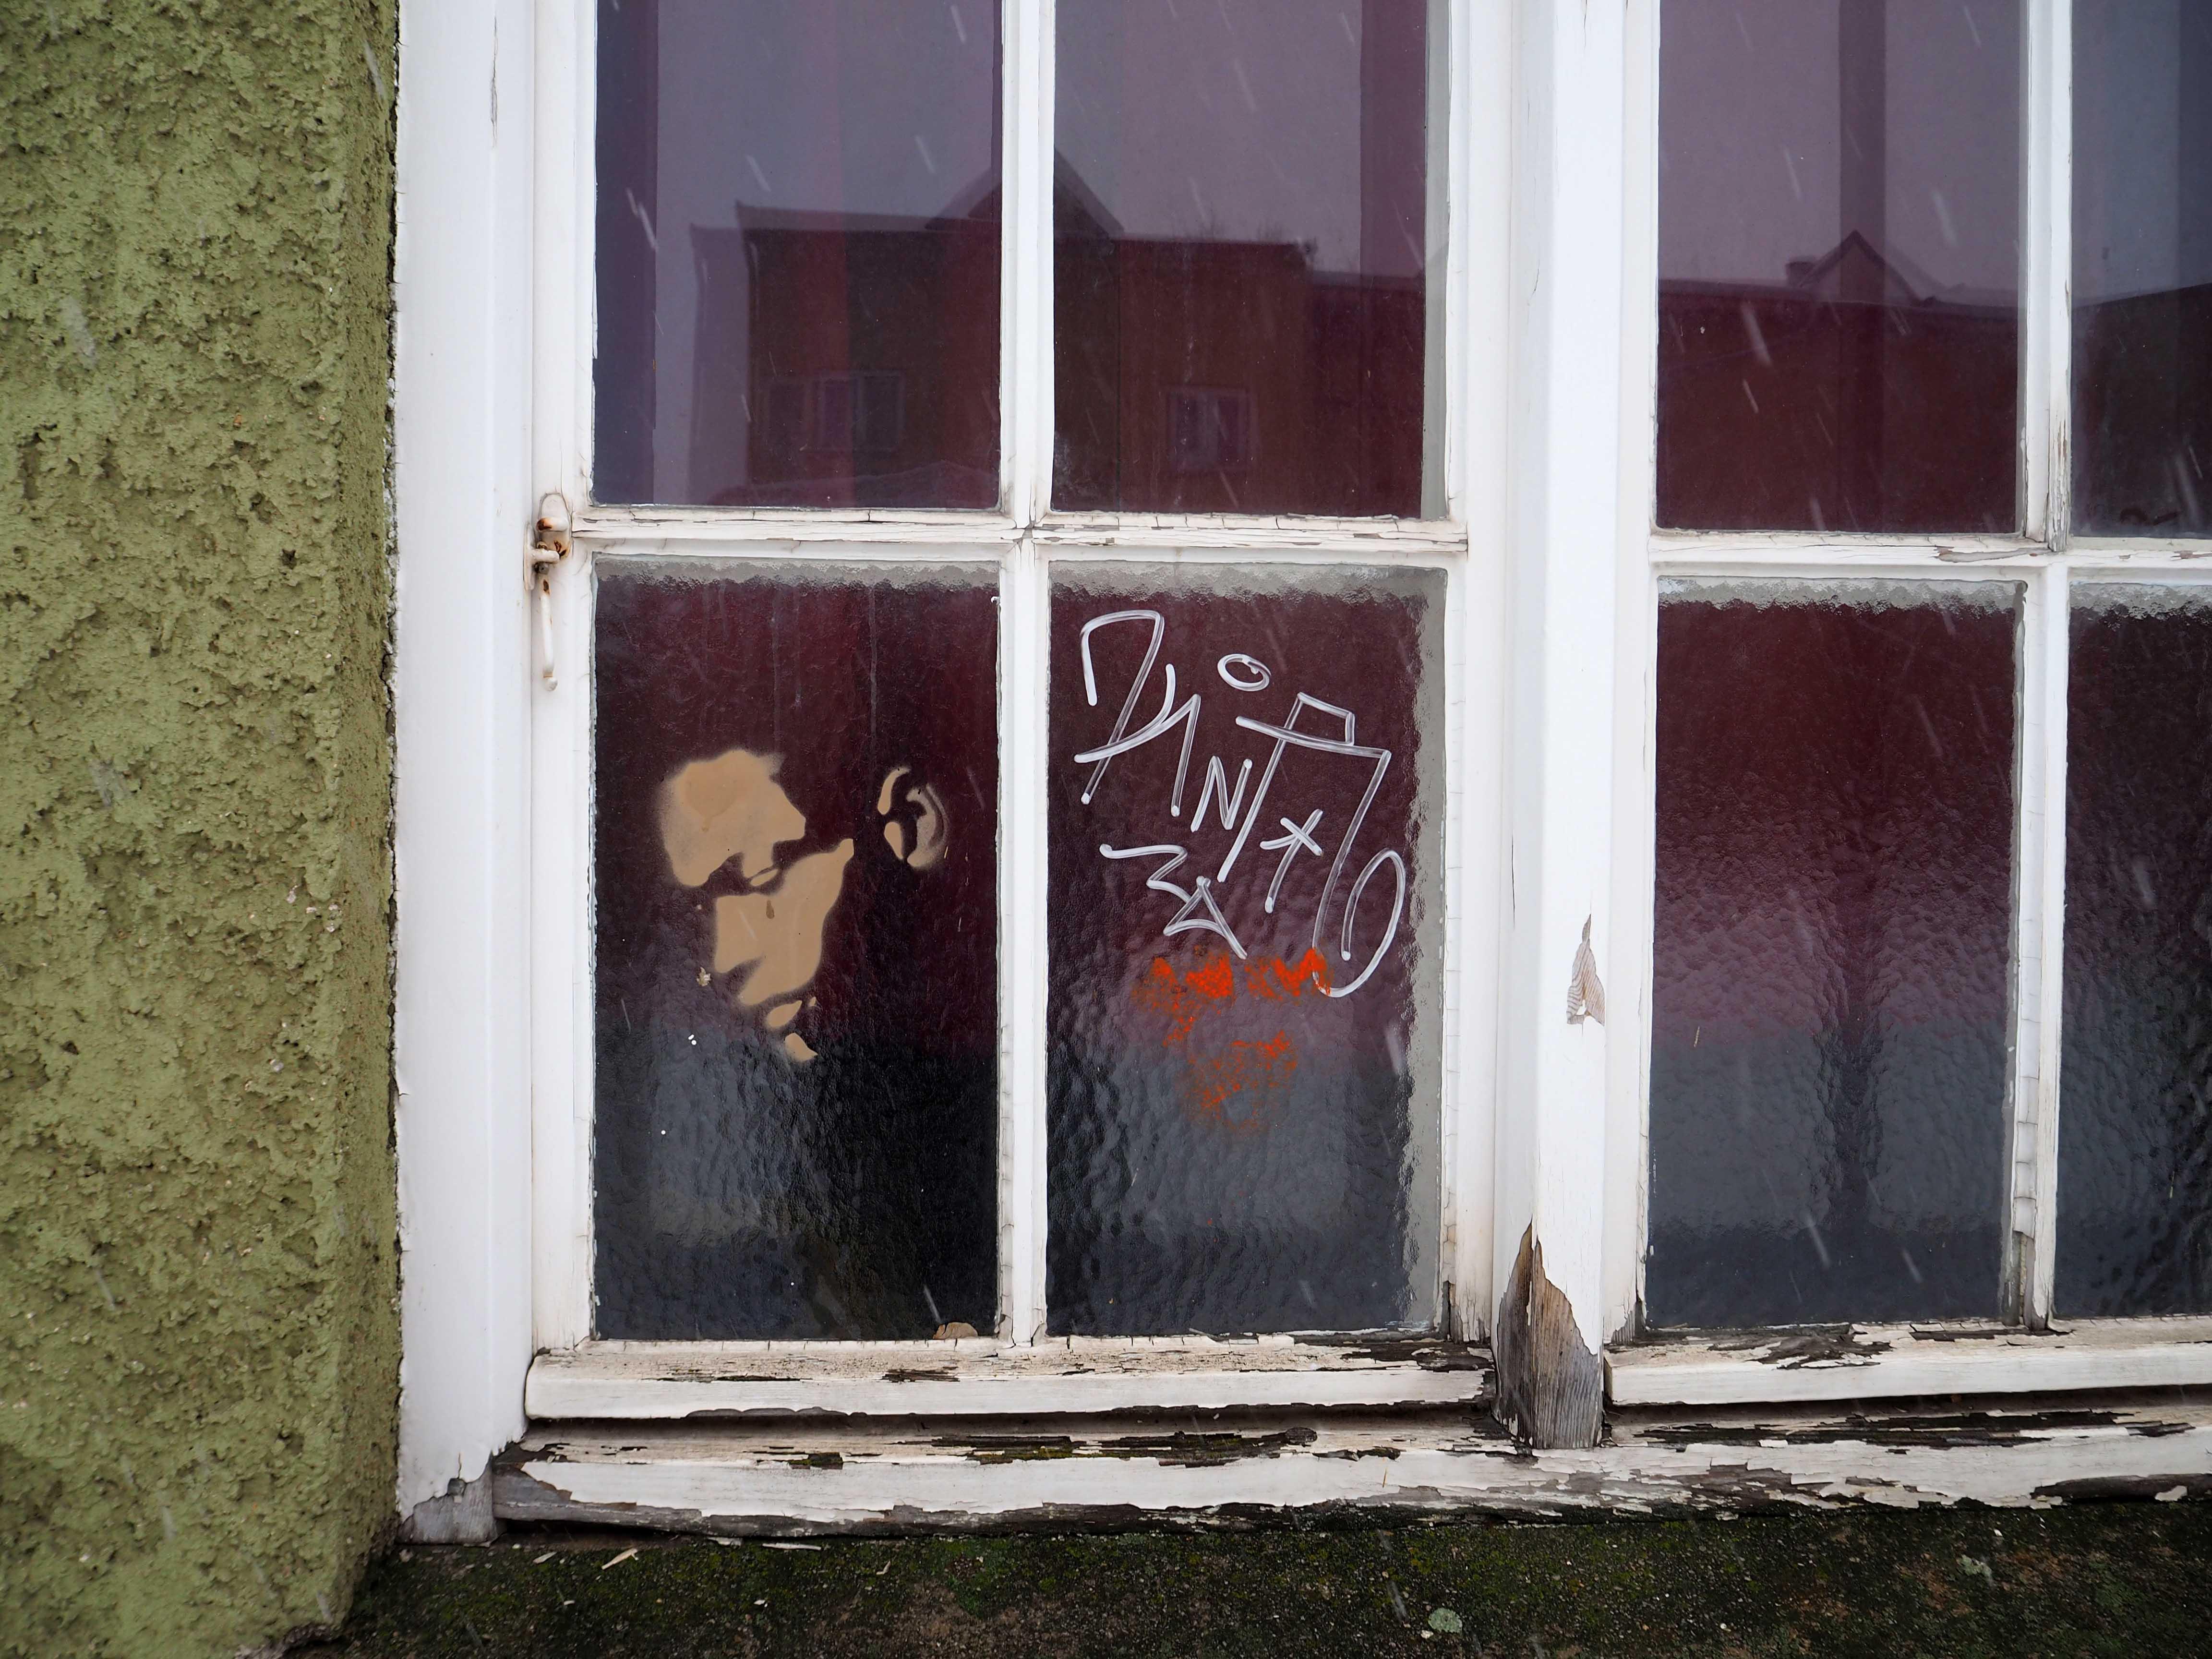 stencil von unbekanntem Künstler dass einen jungen Mann im Profil zeigt